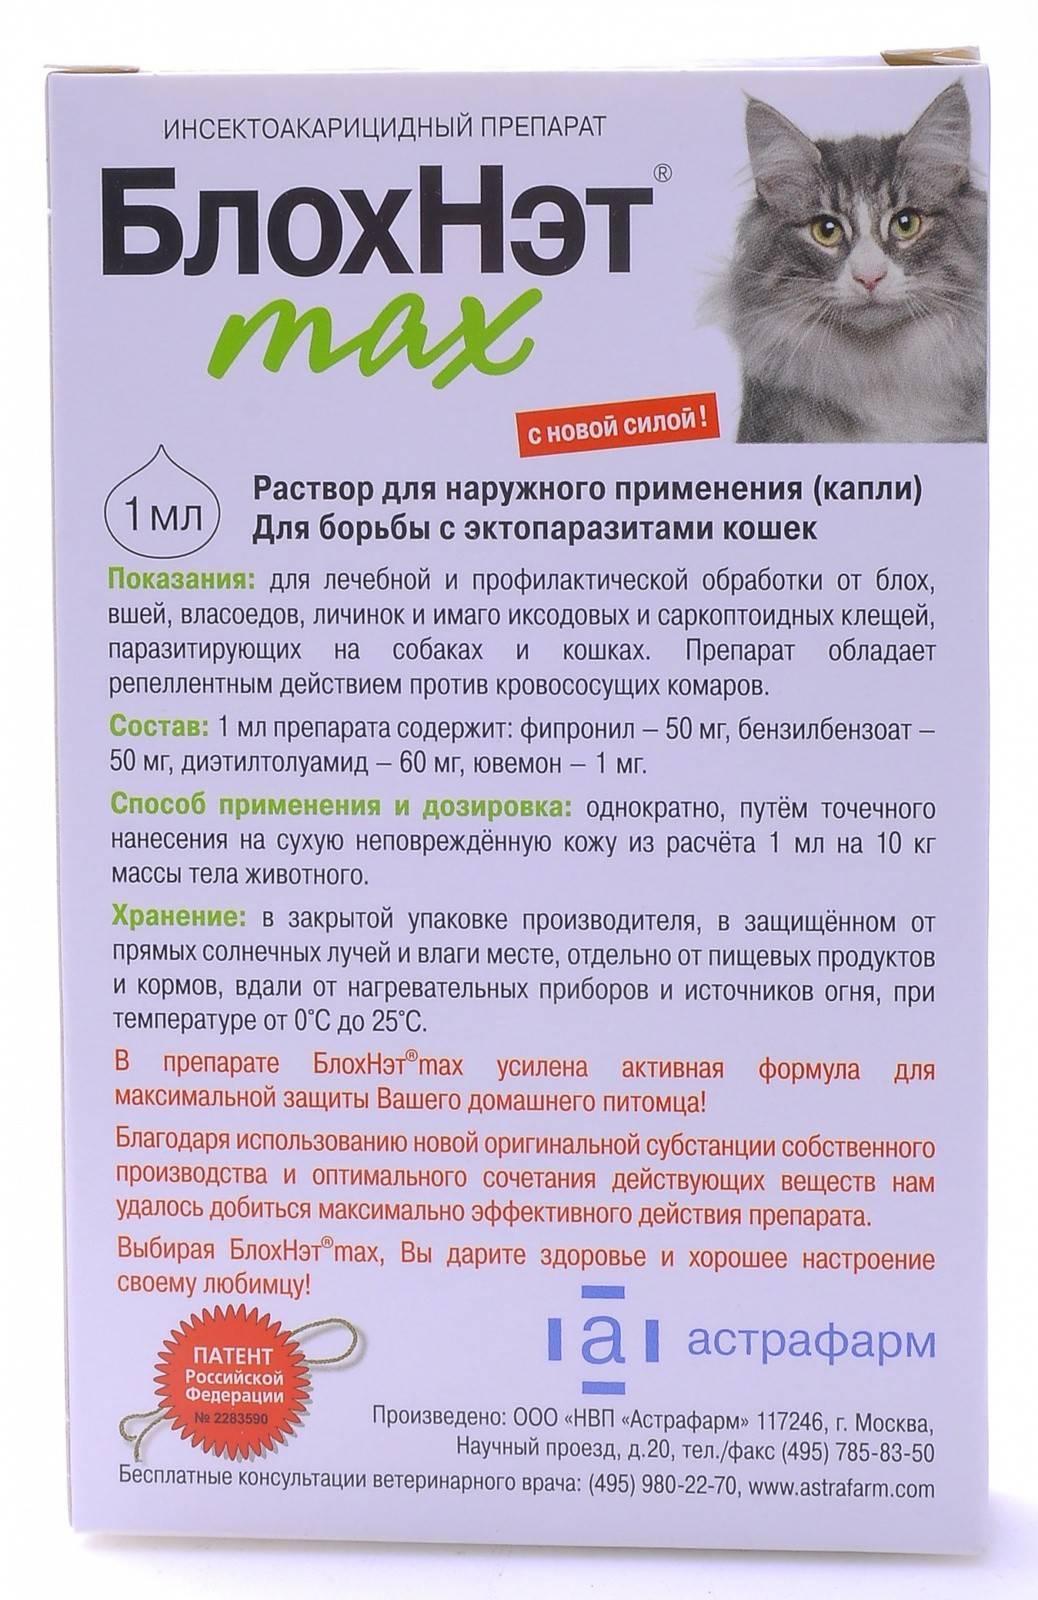 Средство от блох для котят 3 месяца: вывести блох у котенка с 3х месяцев | нвп «астрафарм»